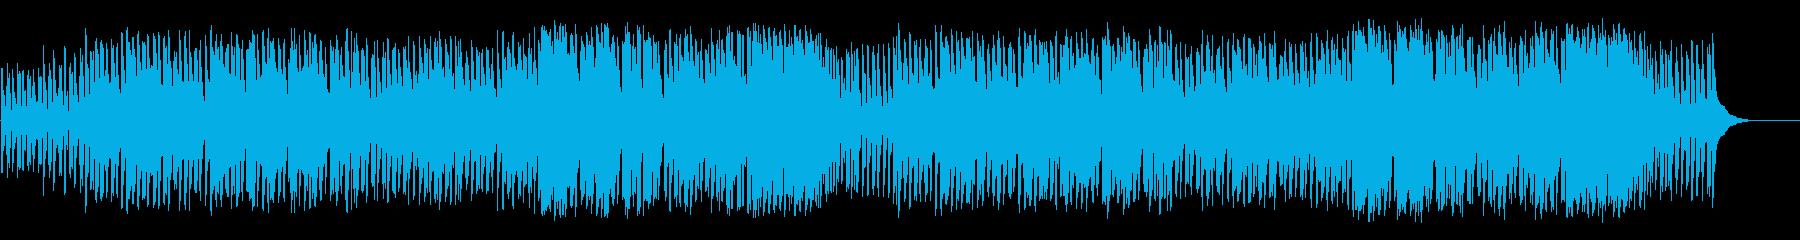 牧歌的なワールド/アコースティックの再生済みの波形